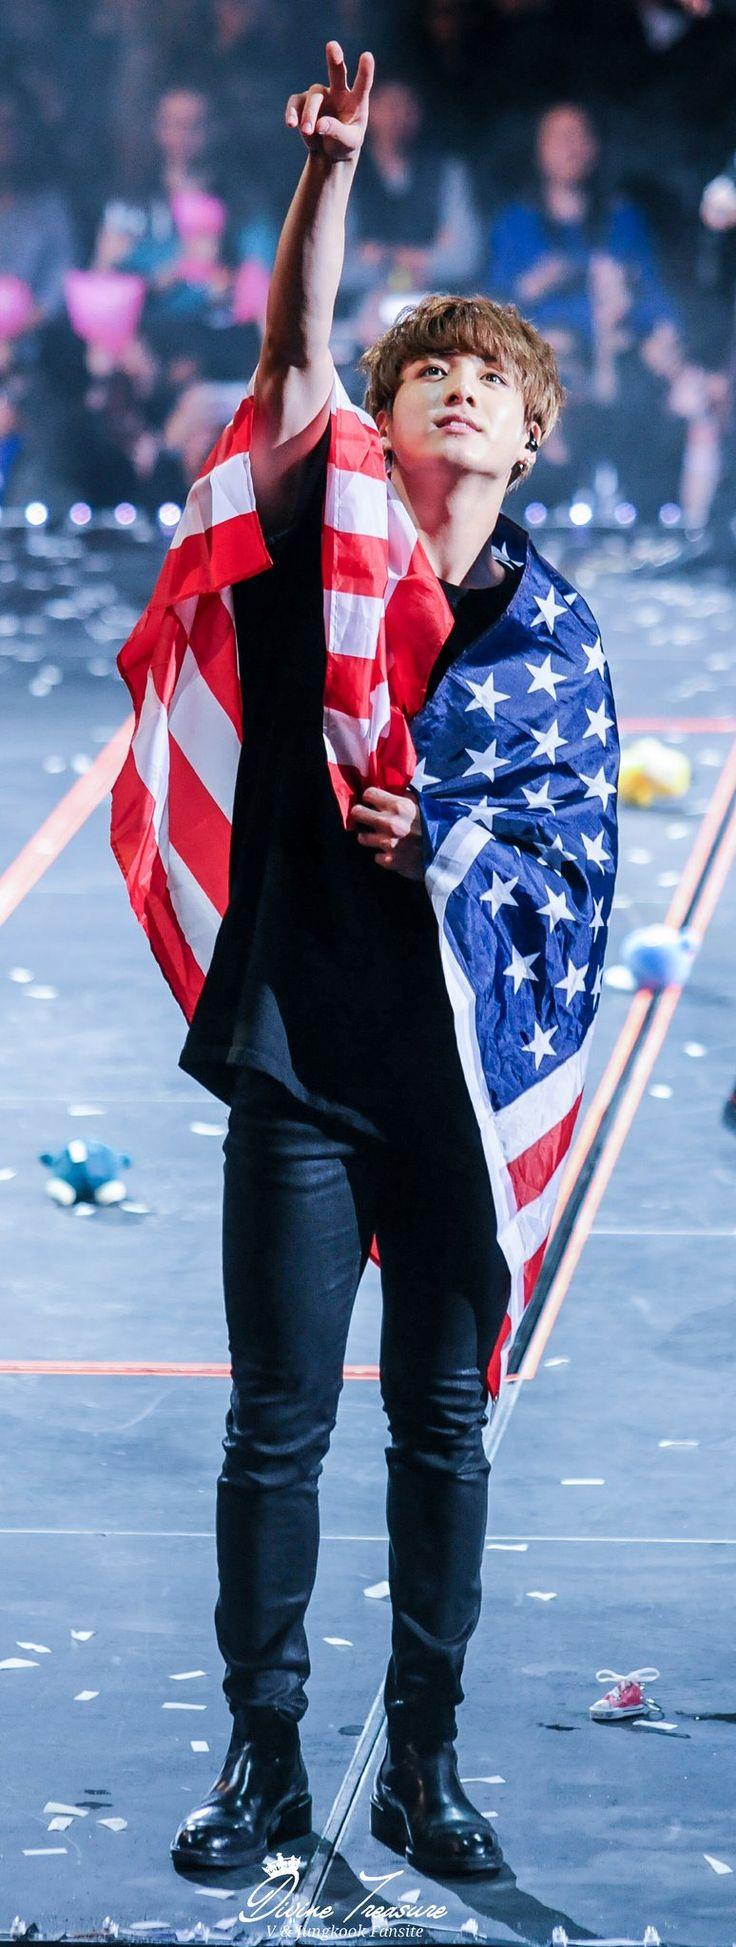 Jungkook é o garoto de segurar as bandeiras do país lol